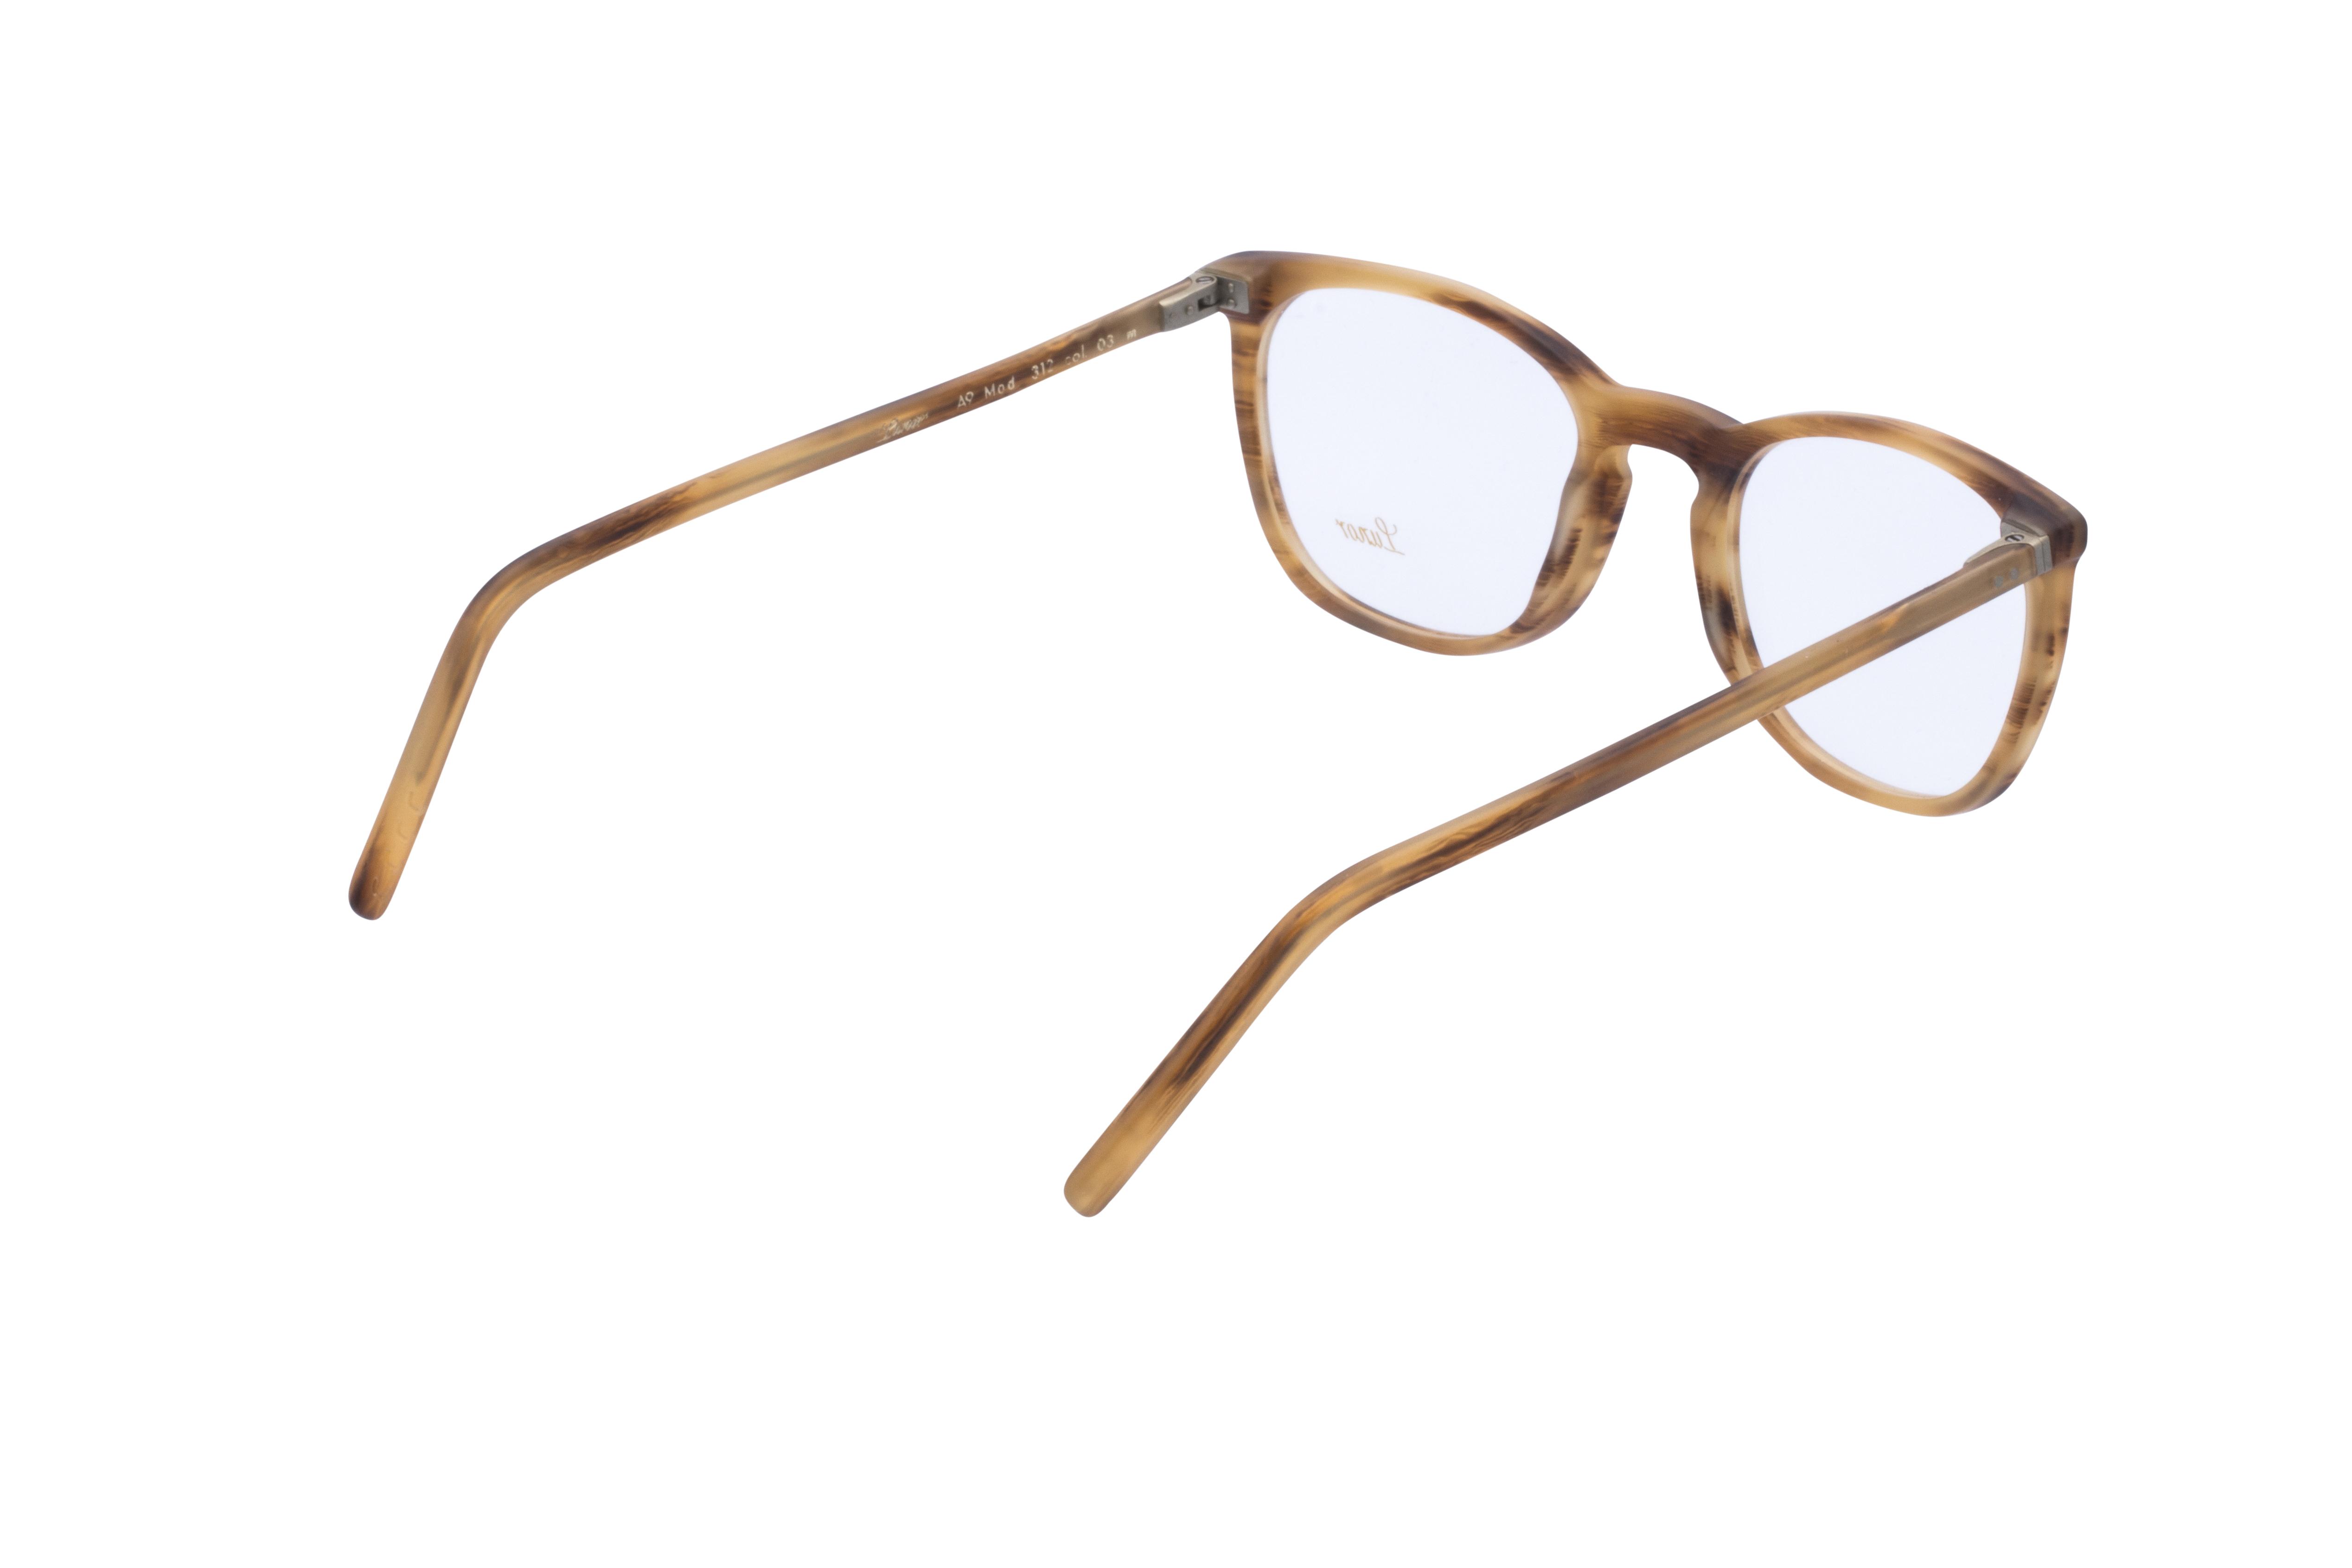 360 Grad Ansicht 9 Lunor 312, Brille auf Weiß - Fassung bei KUNK